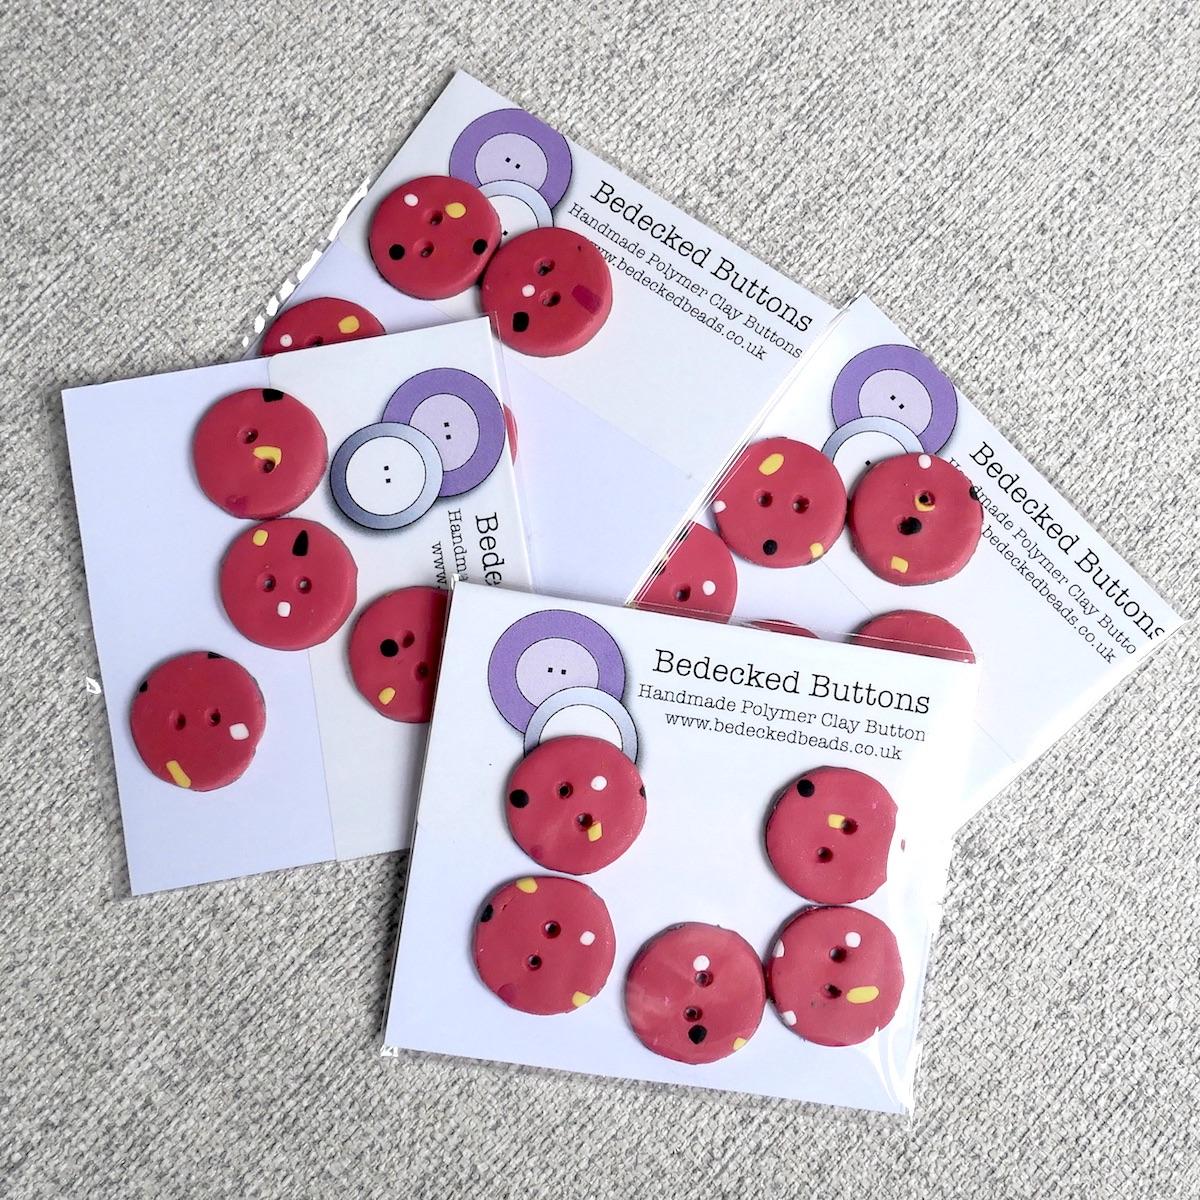 Handmade Buttpons, Dotty Buttons